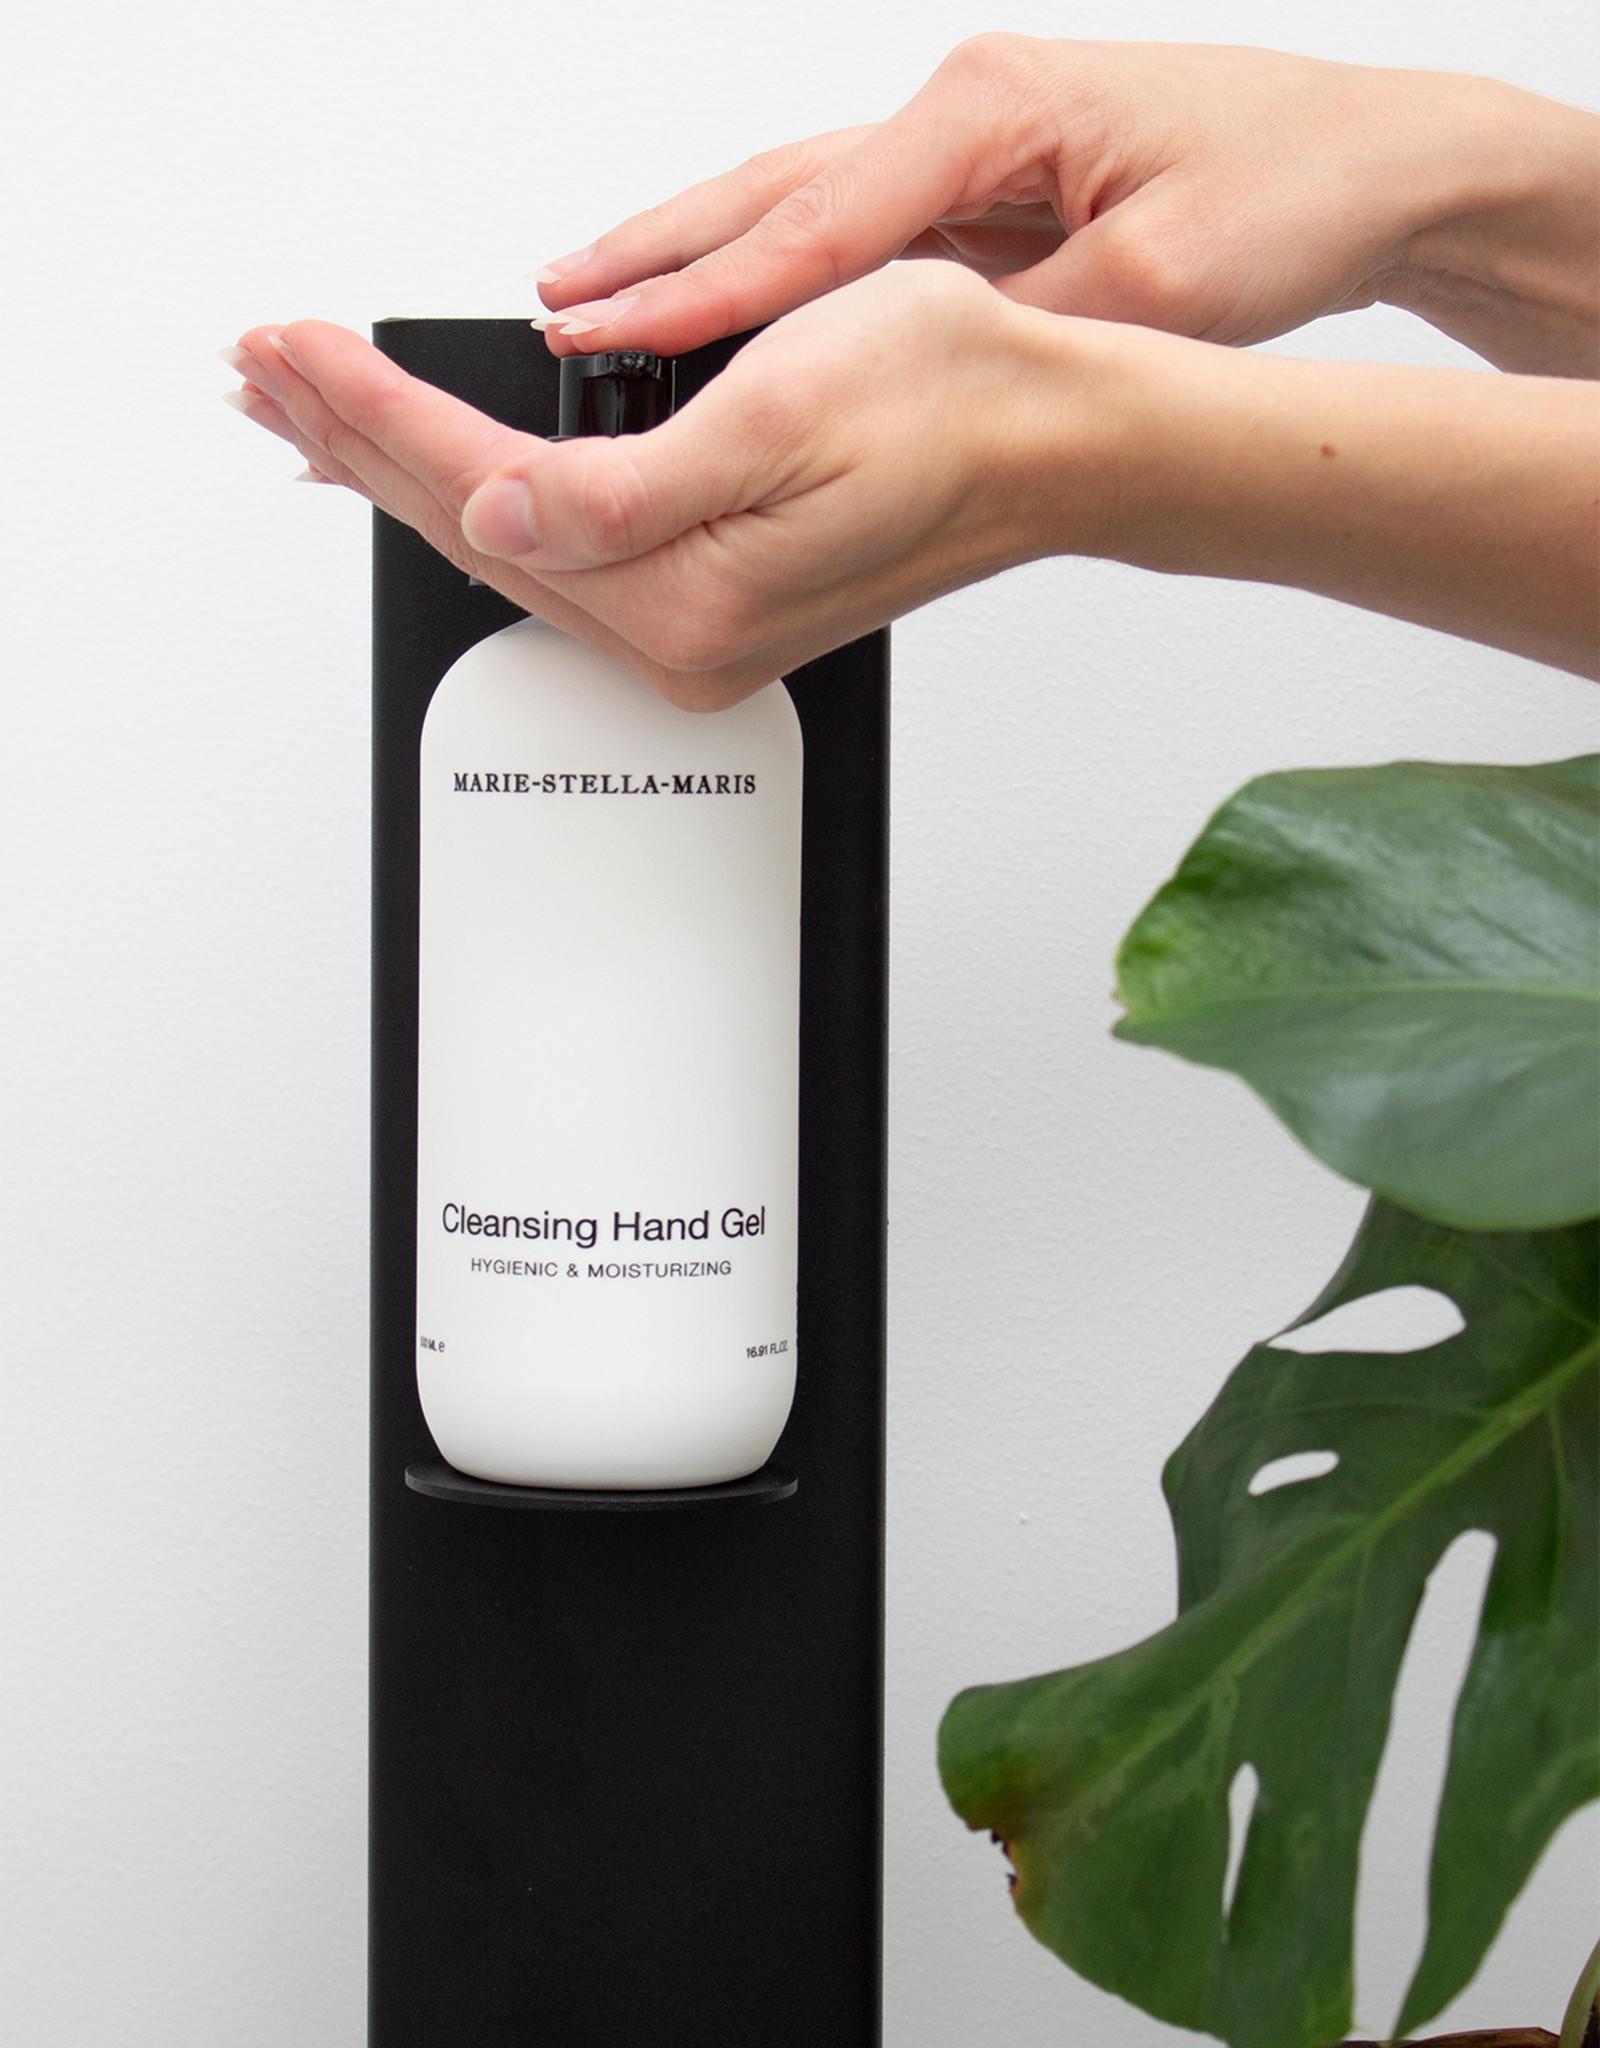 Marie-Stella-Maris Cleansing Handgel 500ml